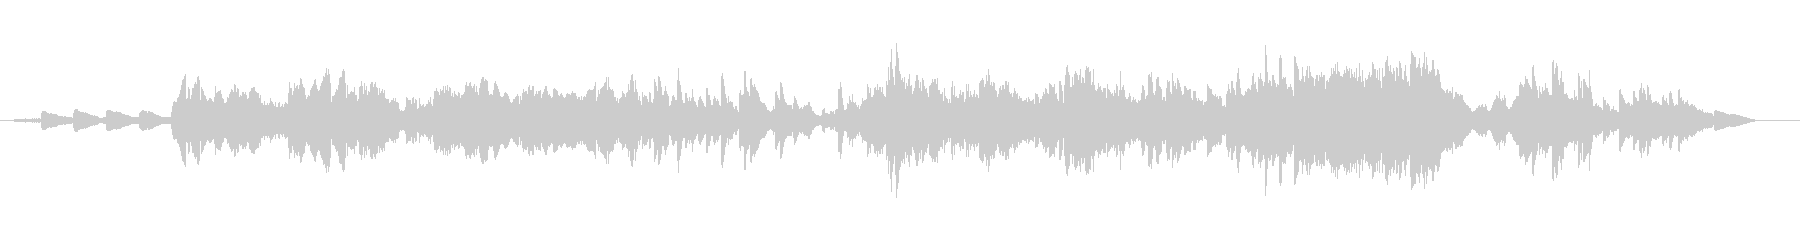 アイスランド民謡を生ヴァイオリンでの未再生の波形